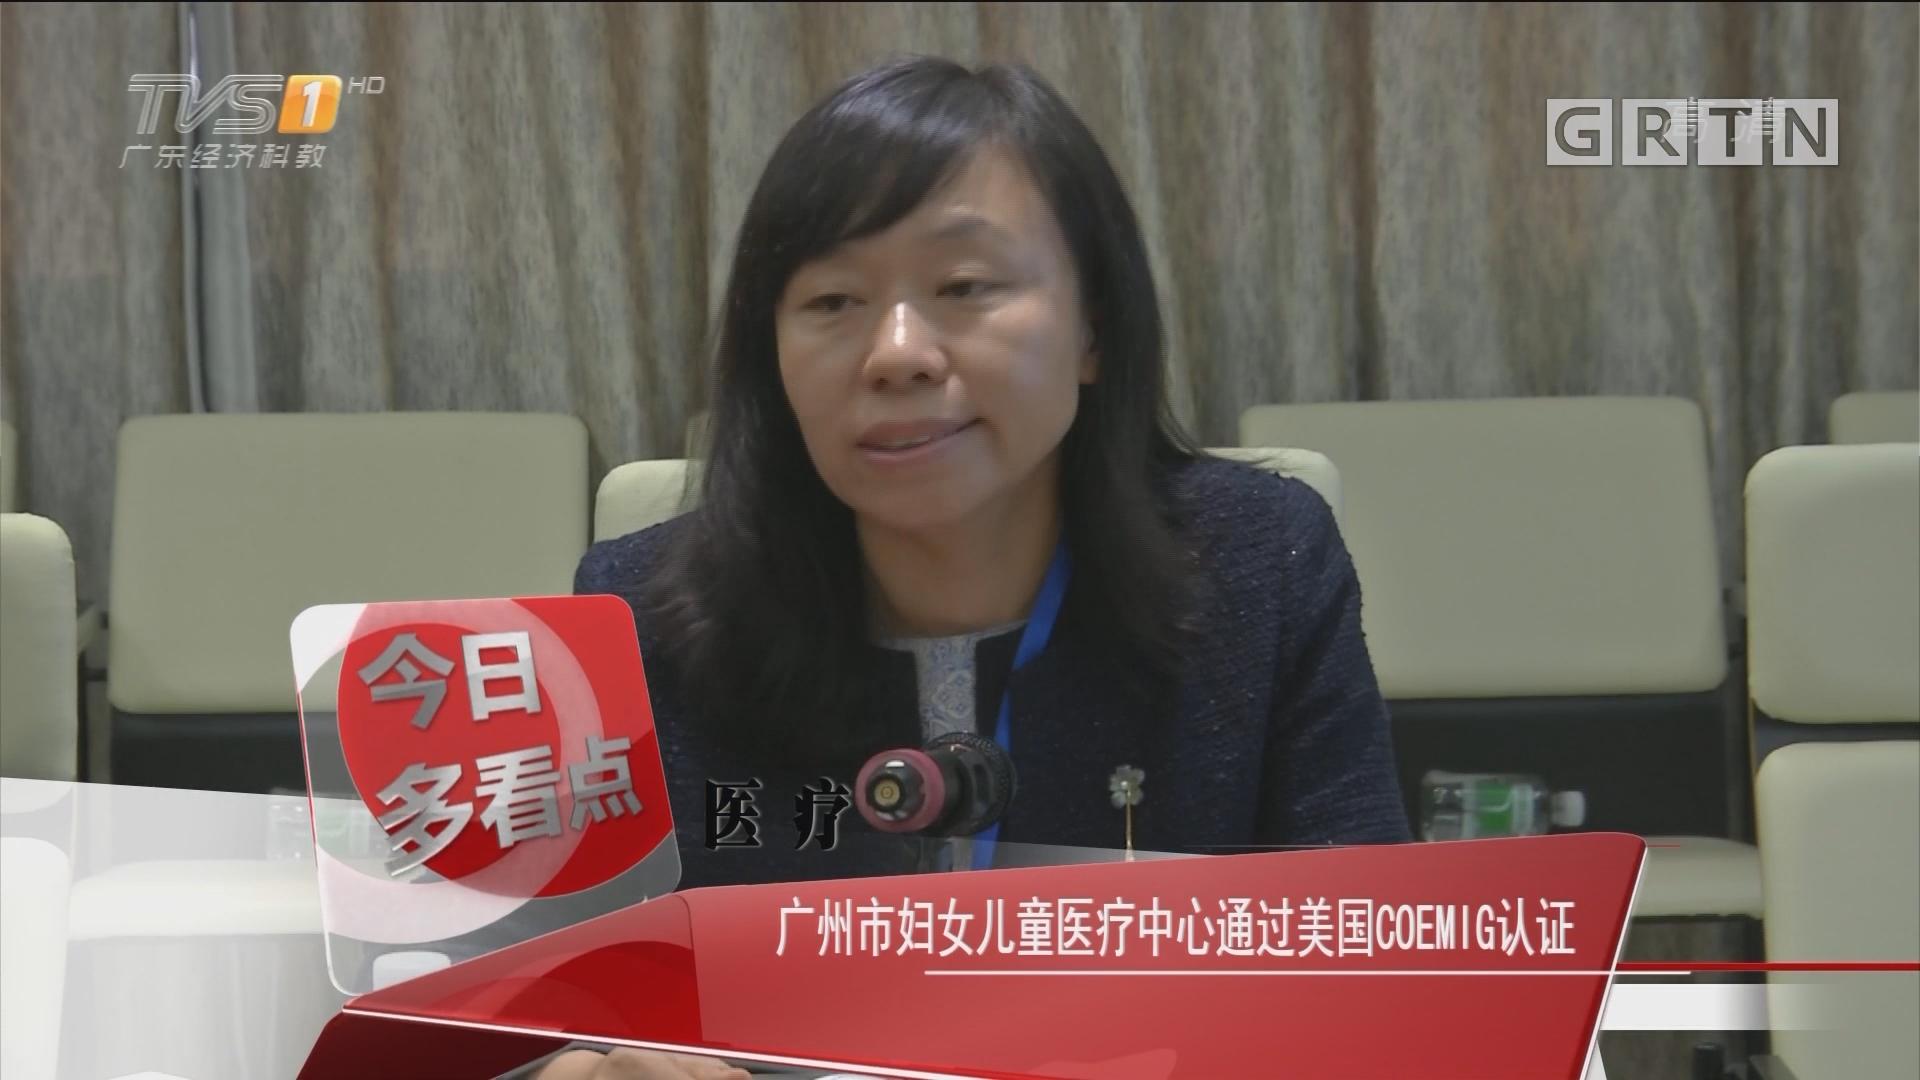 医疗:广州市妇女儿童医疗中心通过美国COEMIG认证